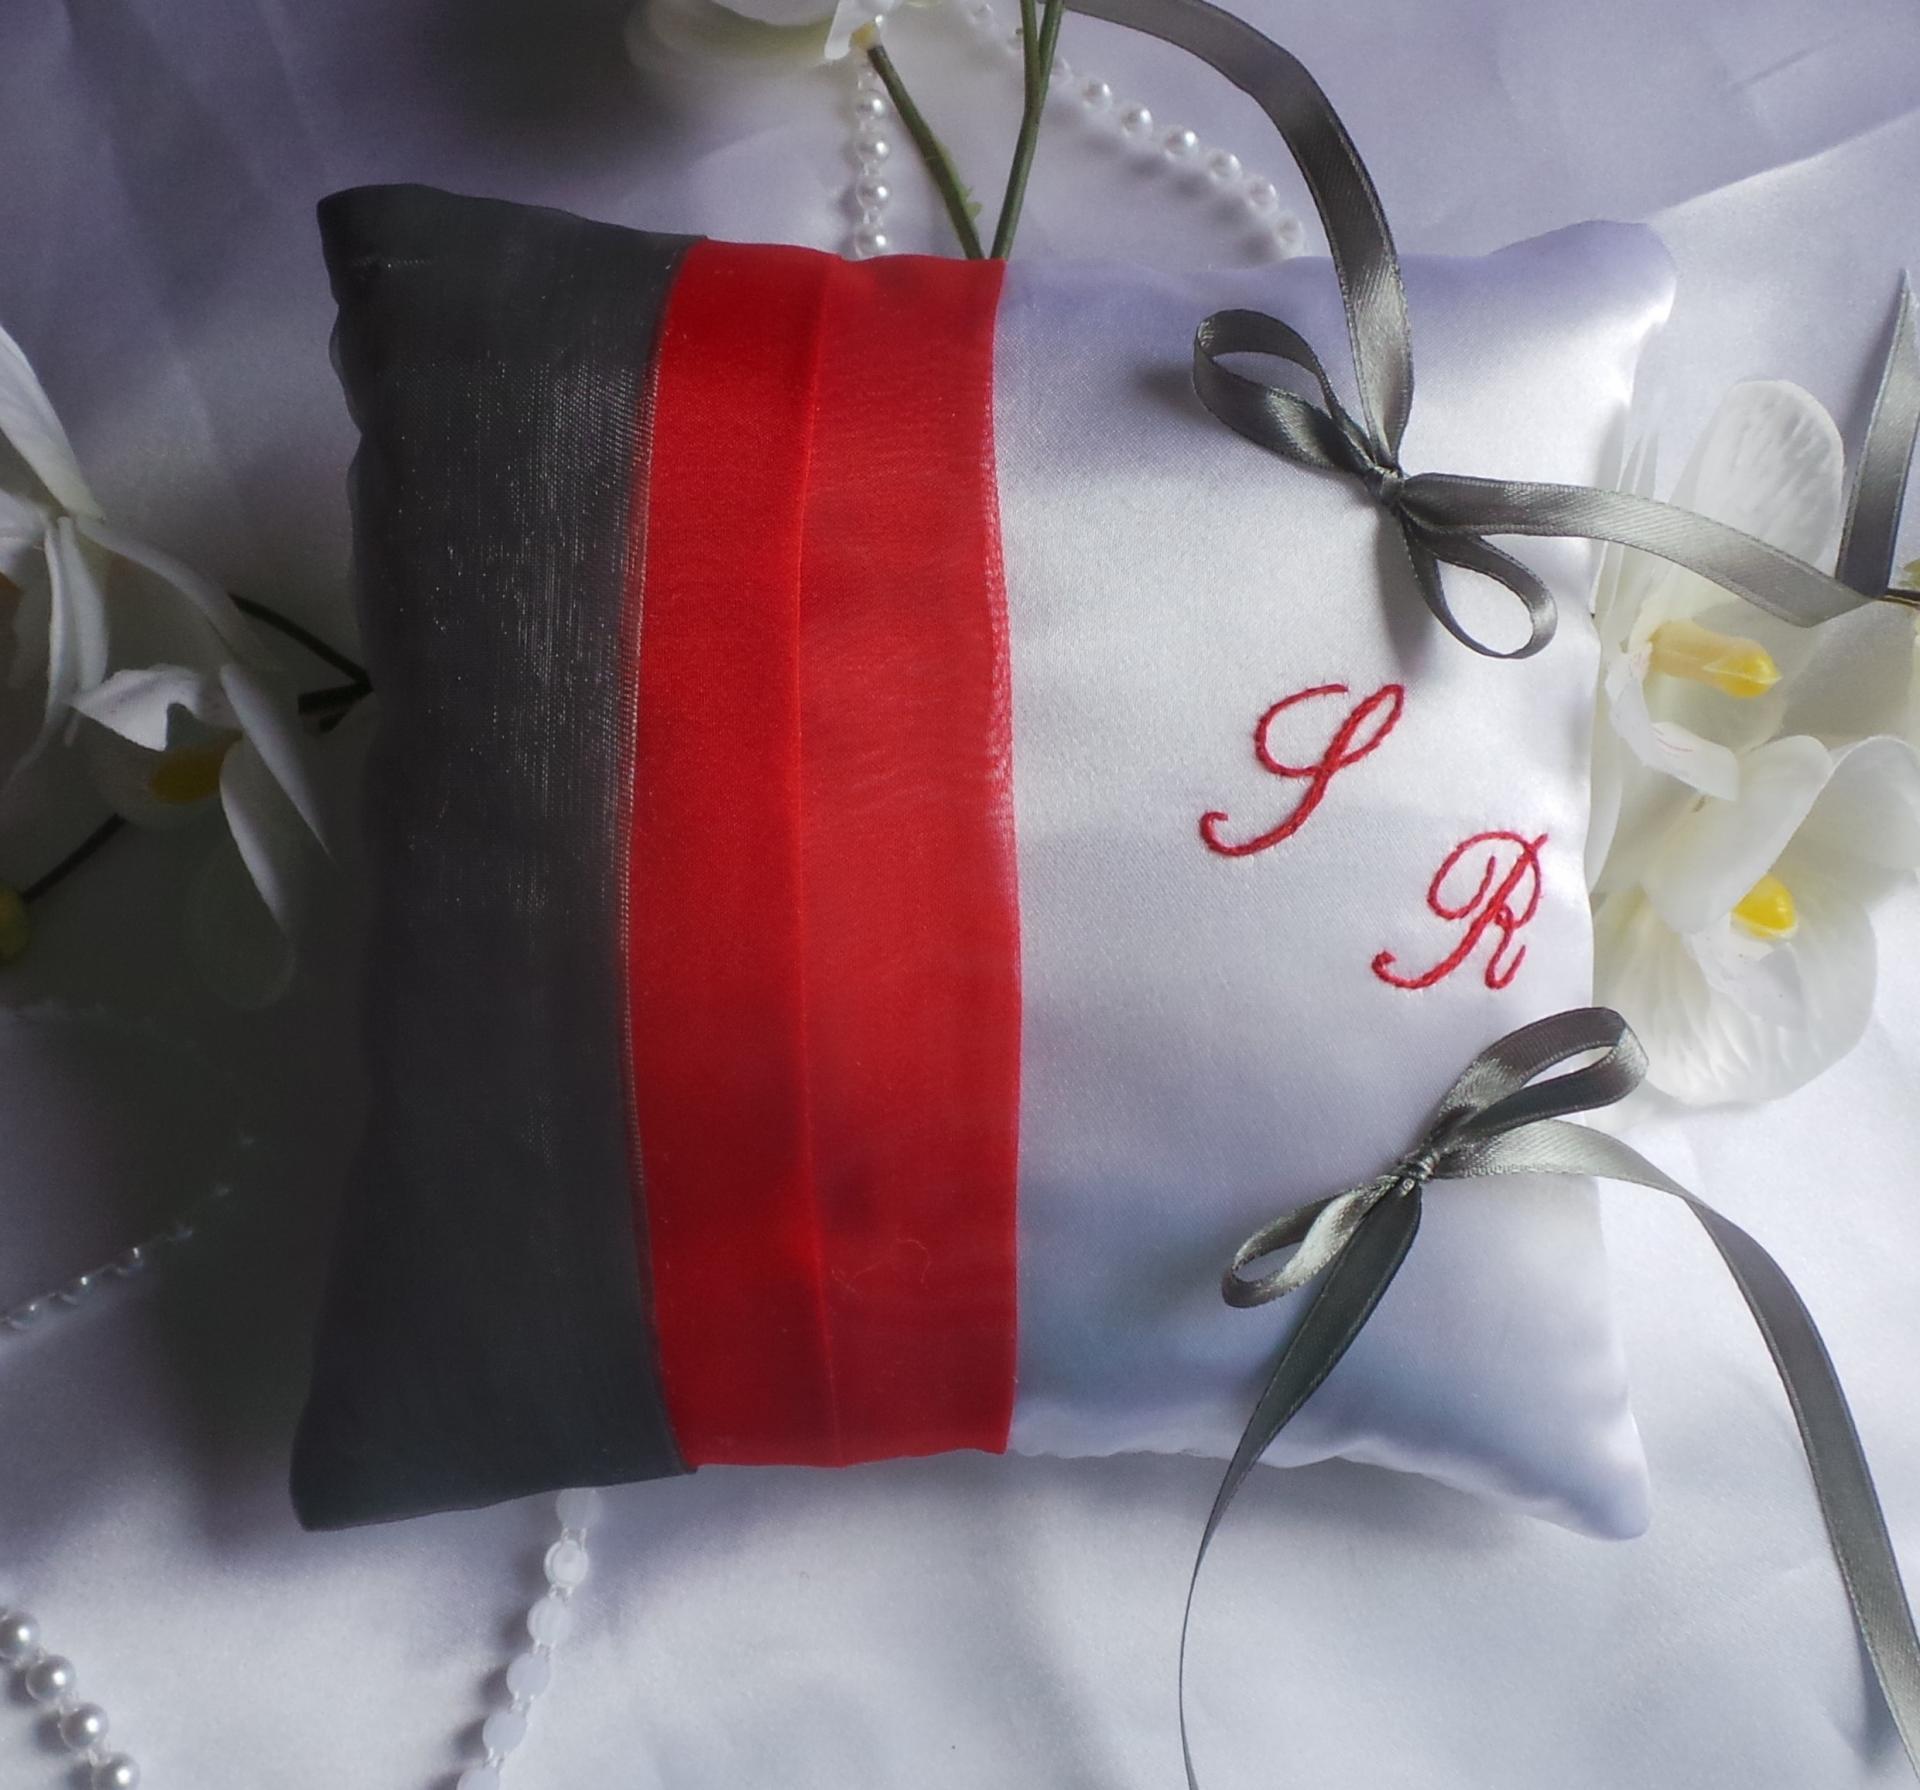 Coussin alliance blanc rouge gris personnalise fait main